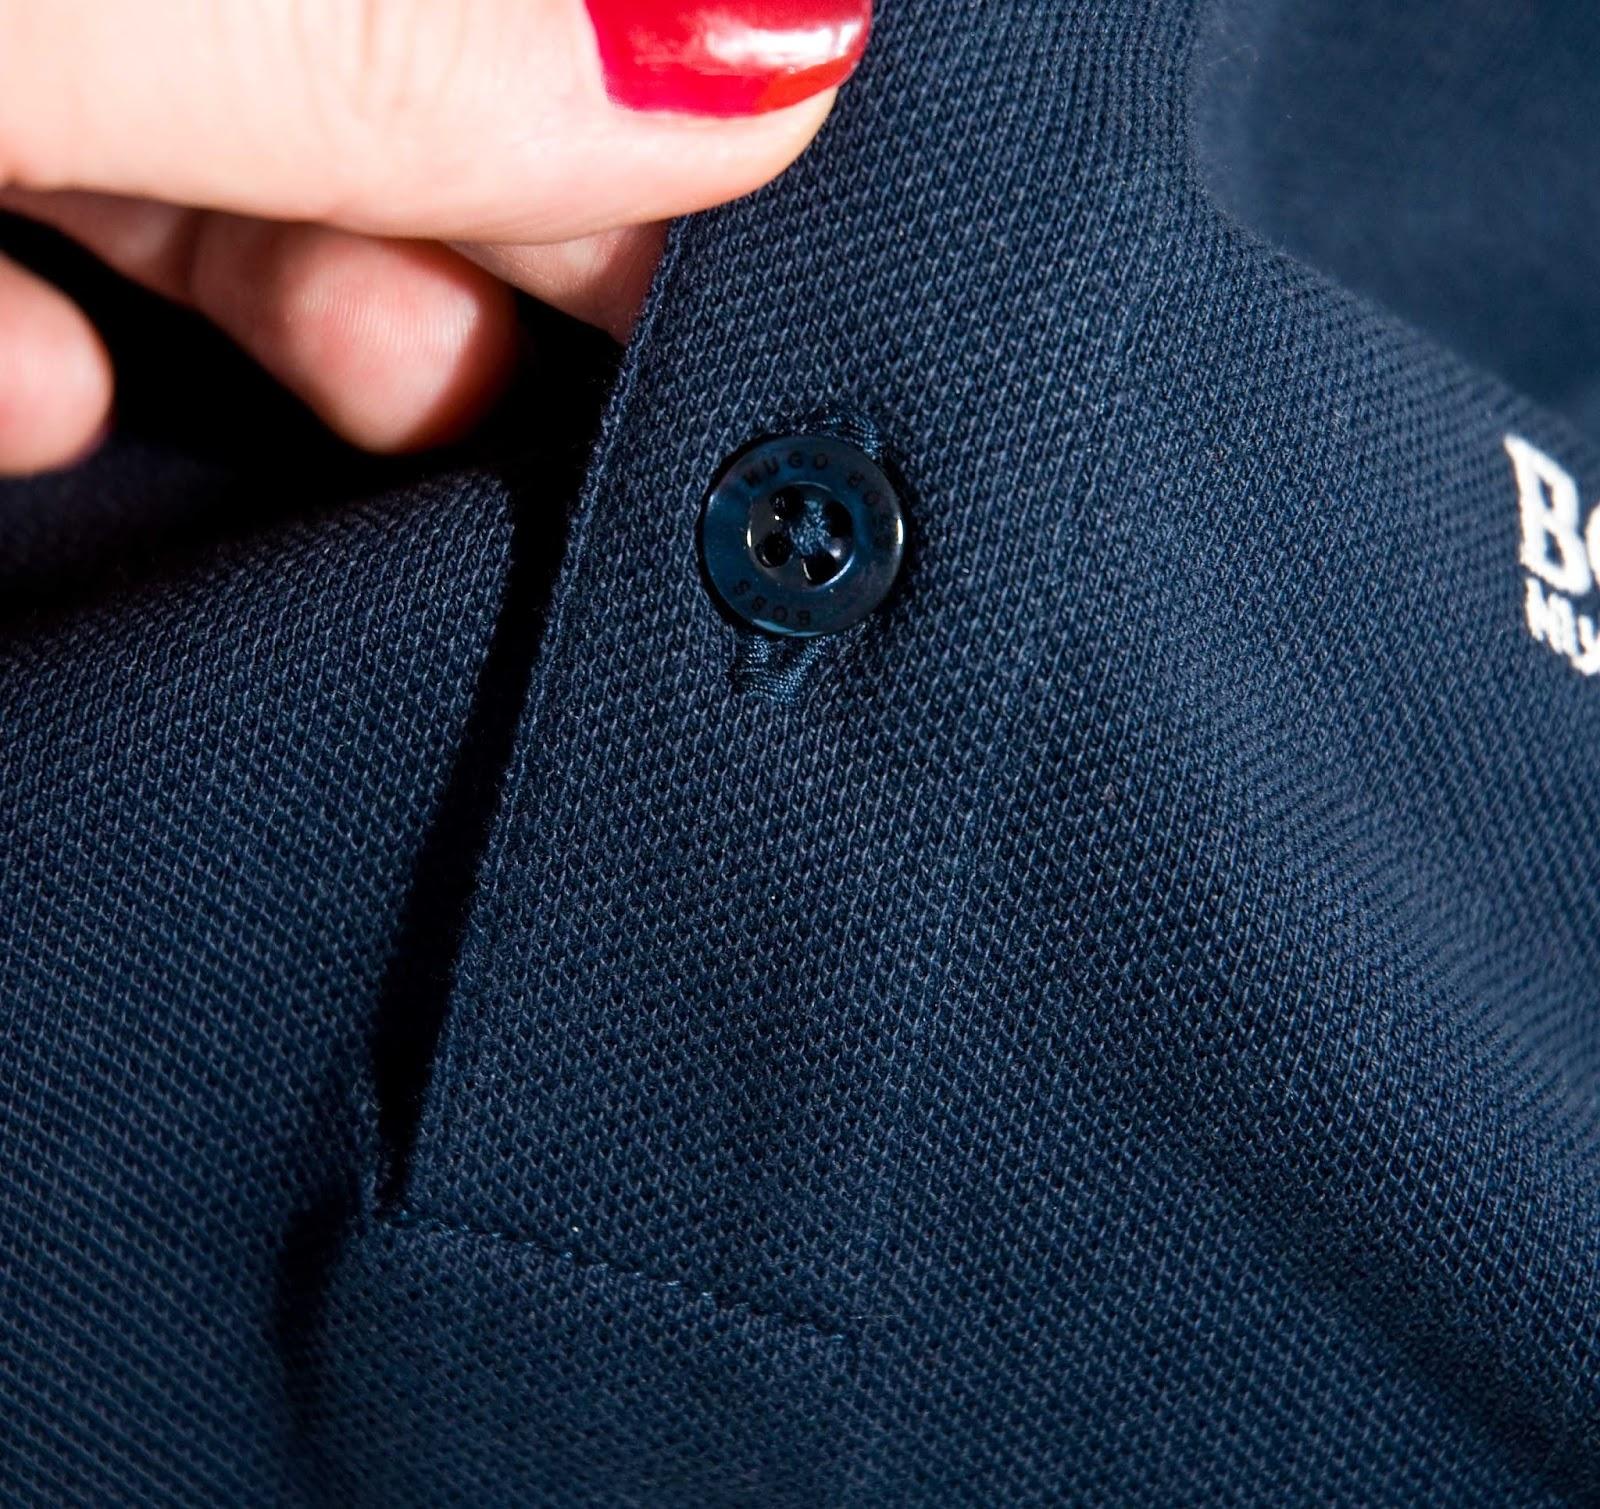 d200c081040 Fake And Real Lacoste Polo Shirts | Kuenzi Turf & Nursery